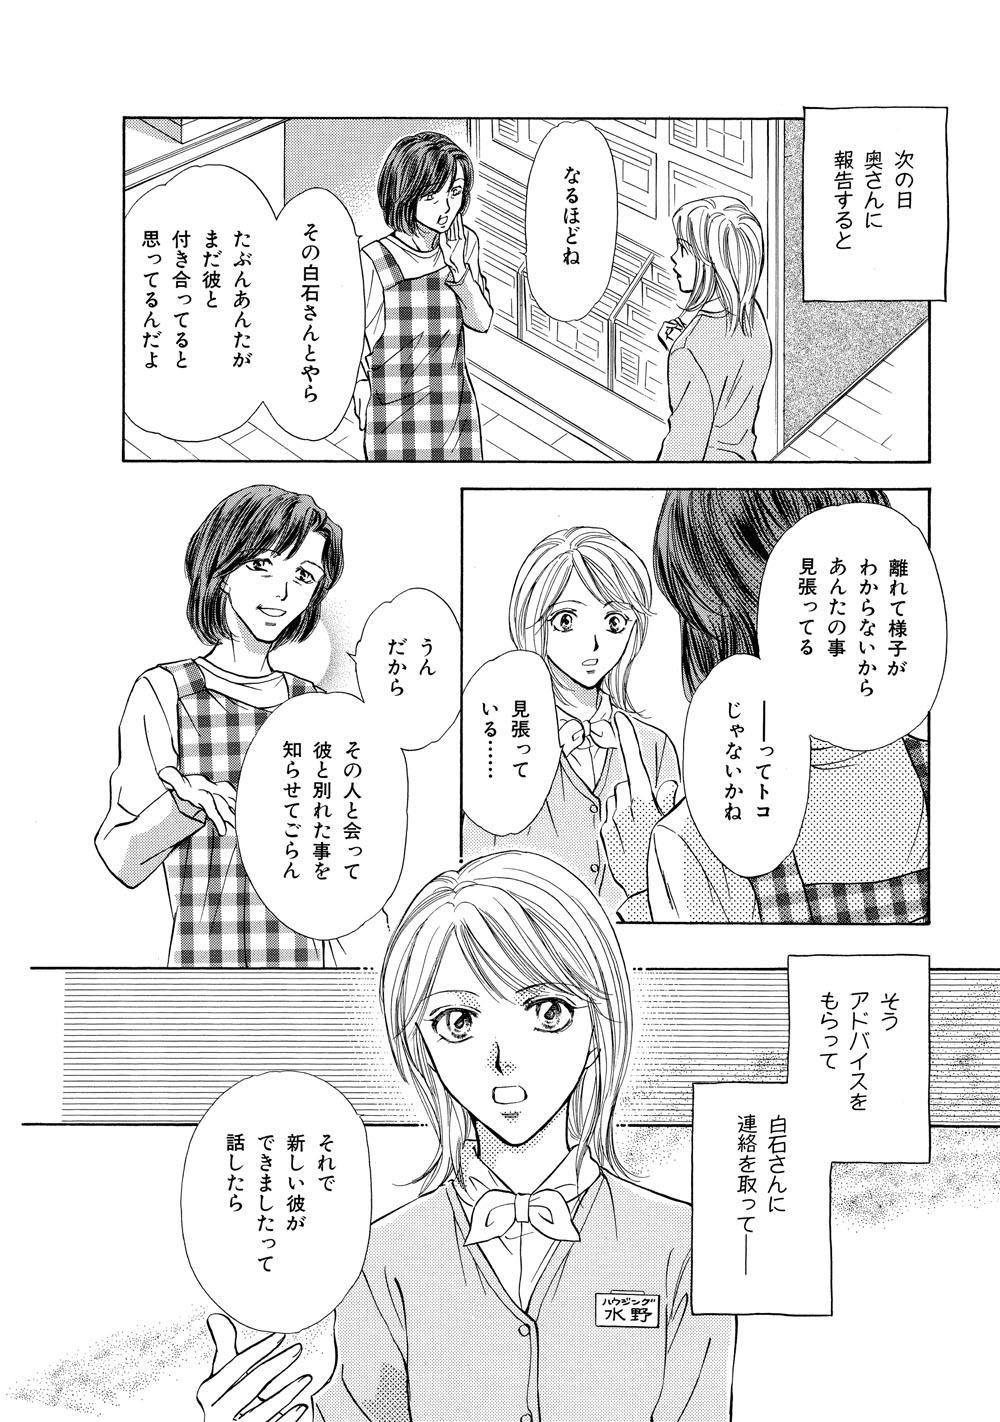 テレビ版_ほん怖_298.jpg